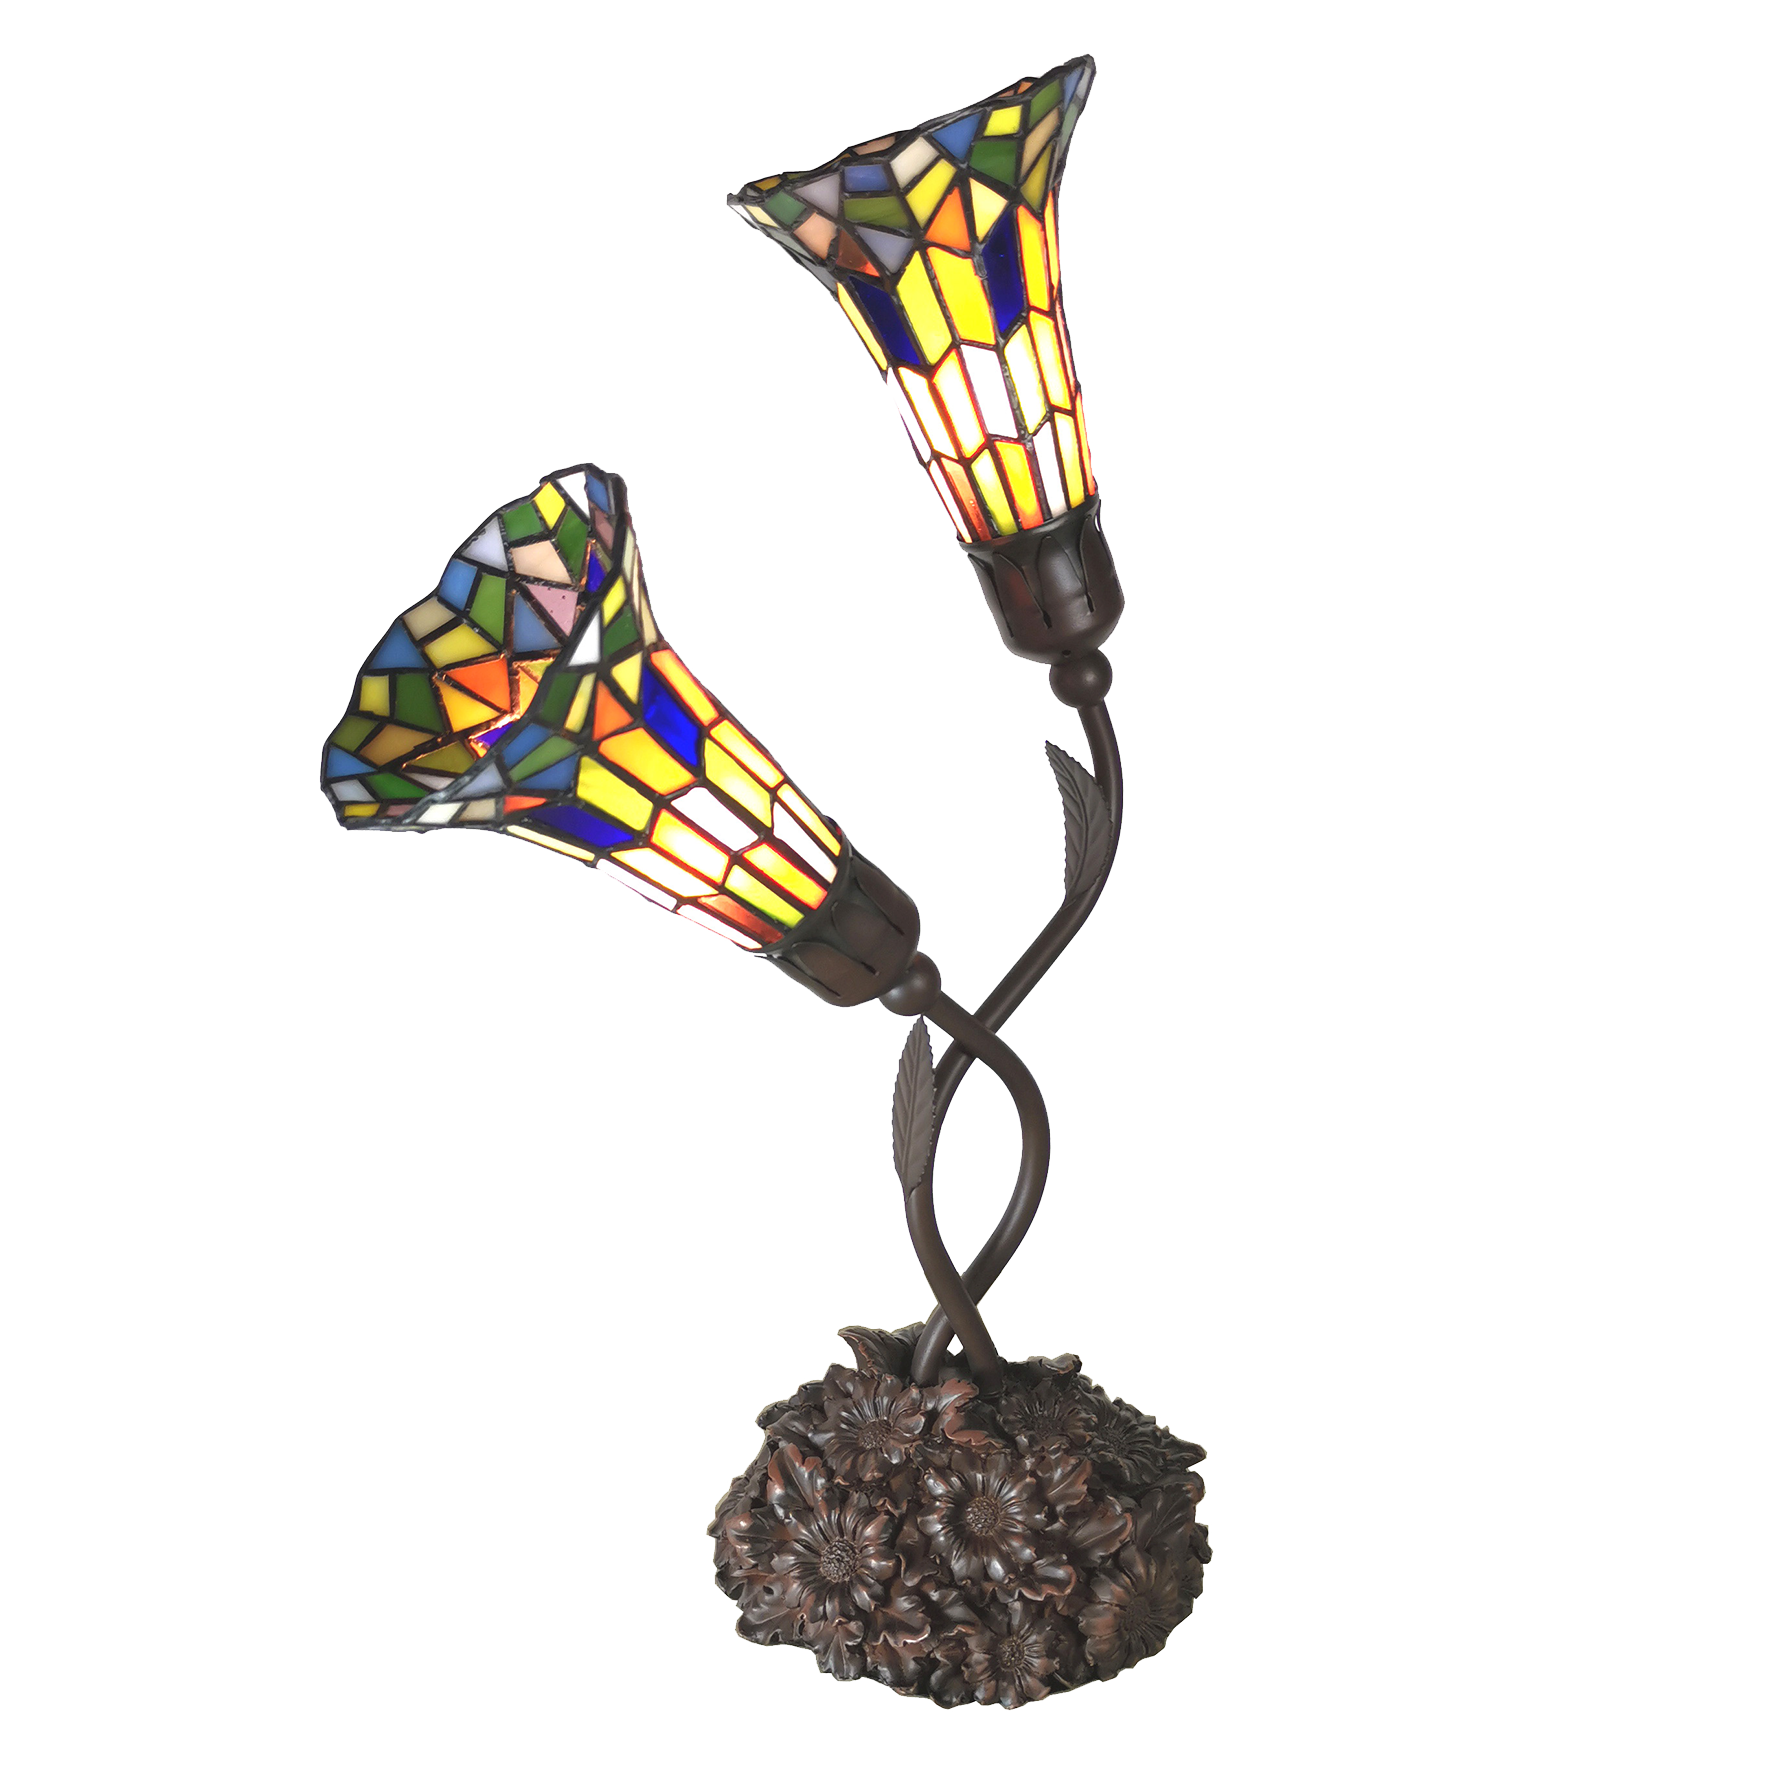 L 6028 Tiffany Tafellamp Lily + 2 kapjes